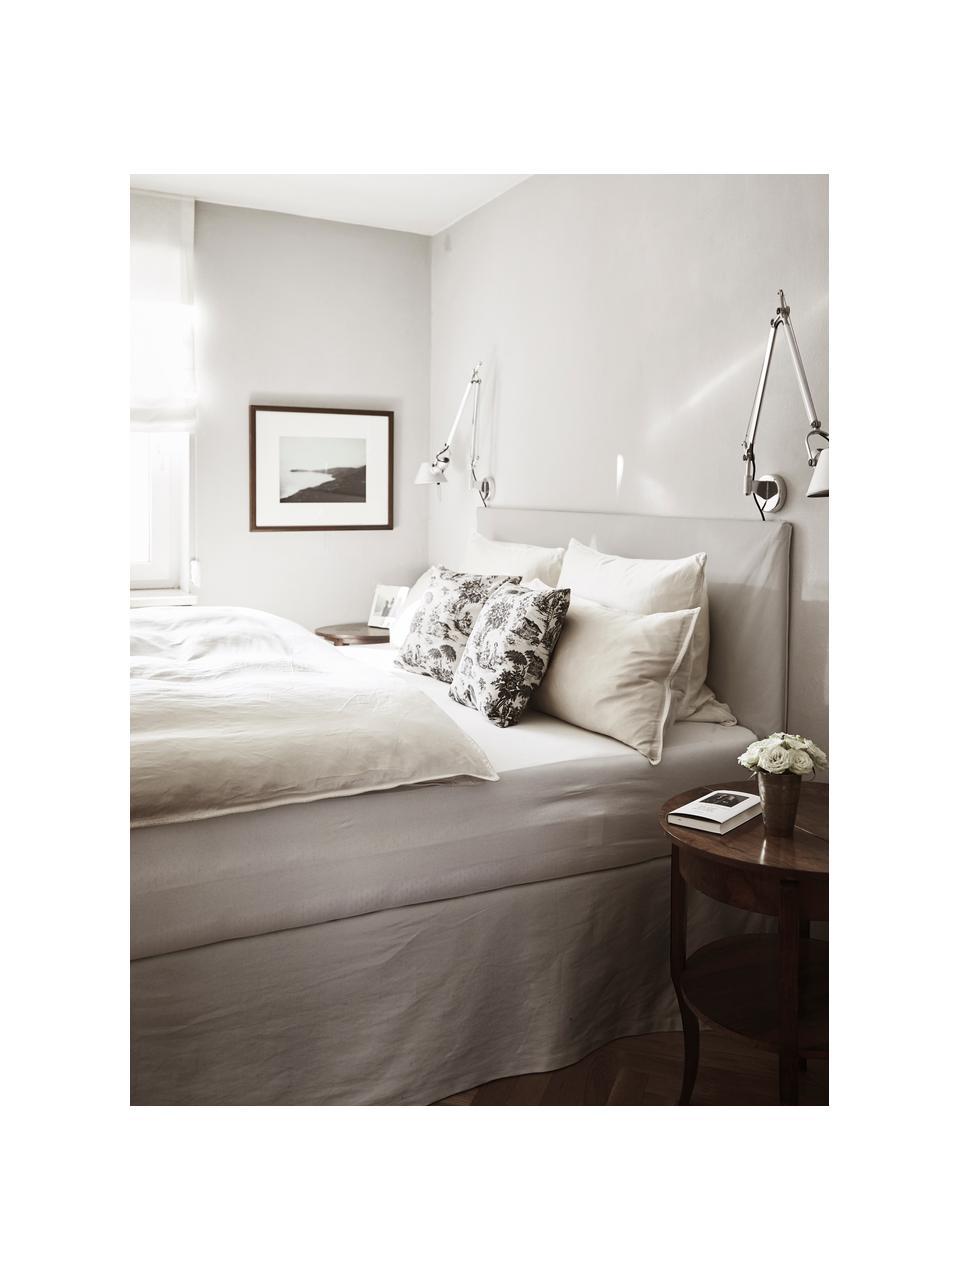 Letto imbottito in tessuto beige/grigio con contenitore Feather, Rivestimento: poliestere (tessuto strut, Tessuto grigio beige, 180 x 200 cm